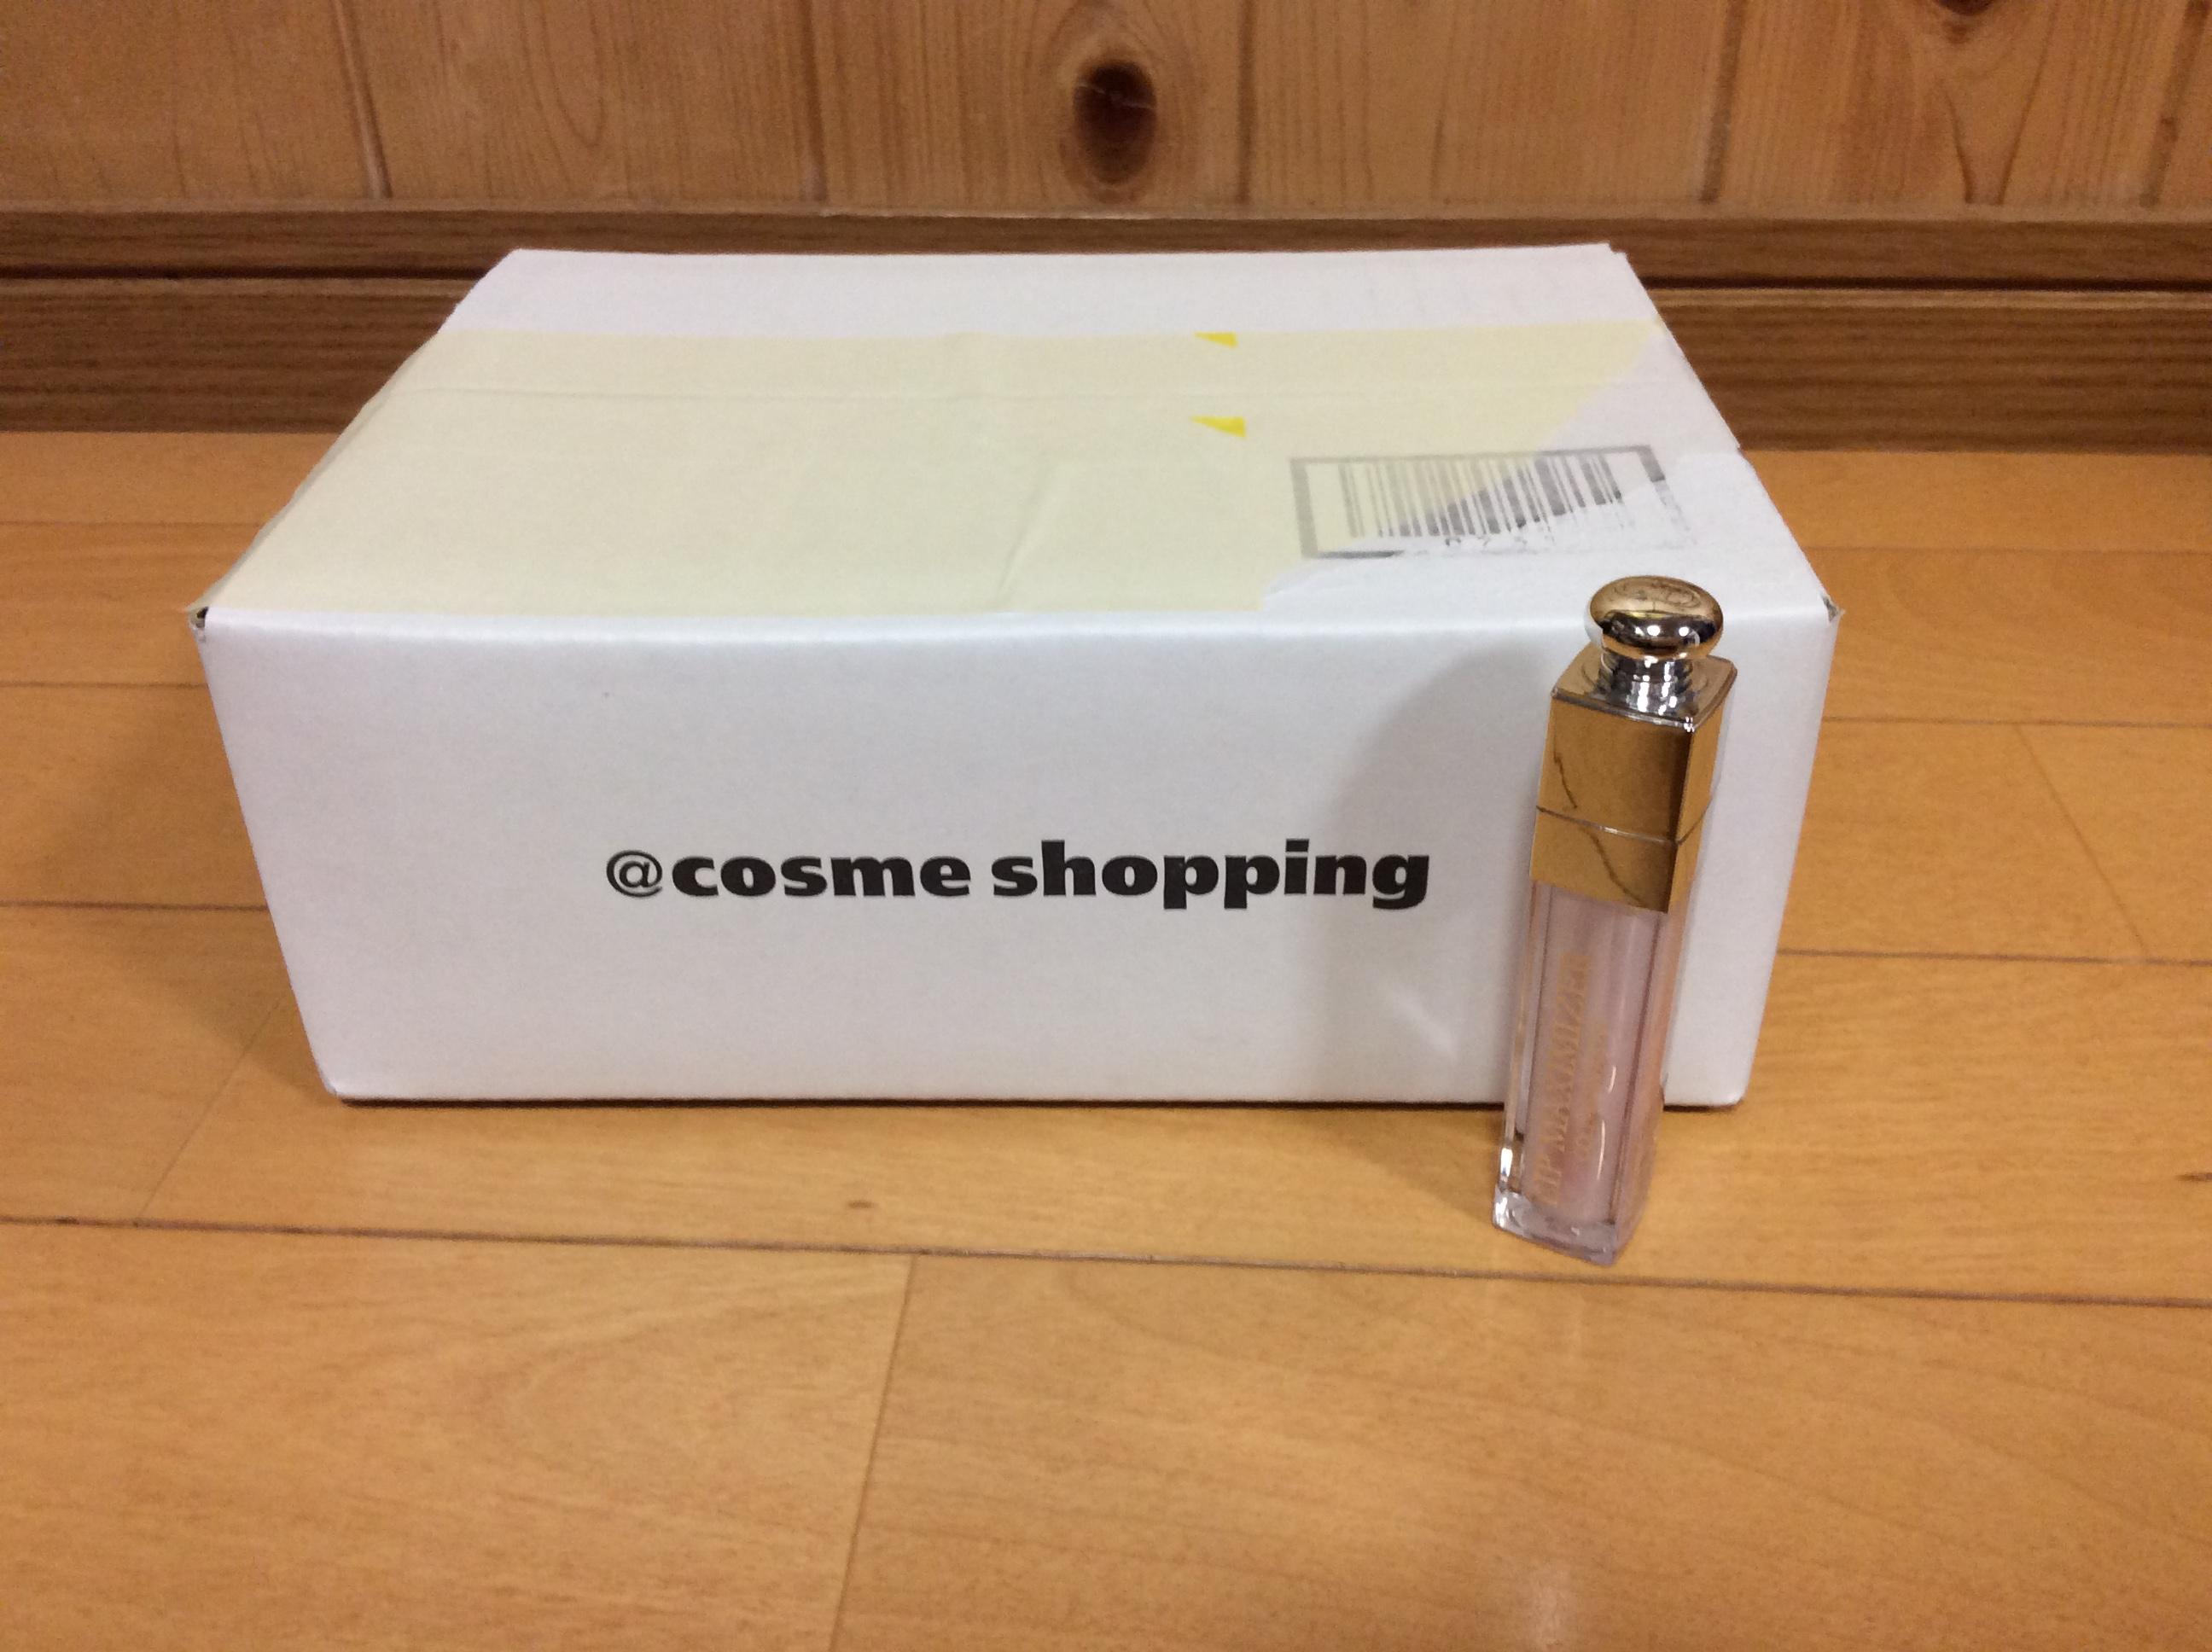 アットコスメショッピング @cosme shopping 箱 配送